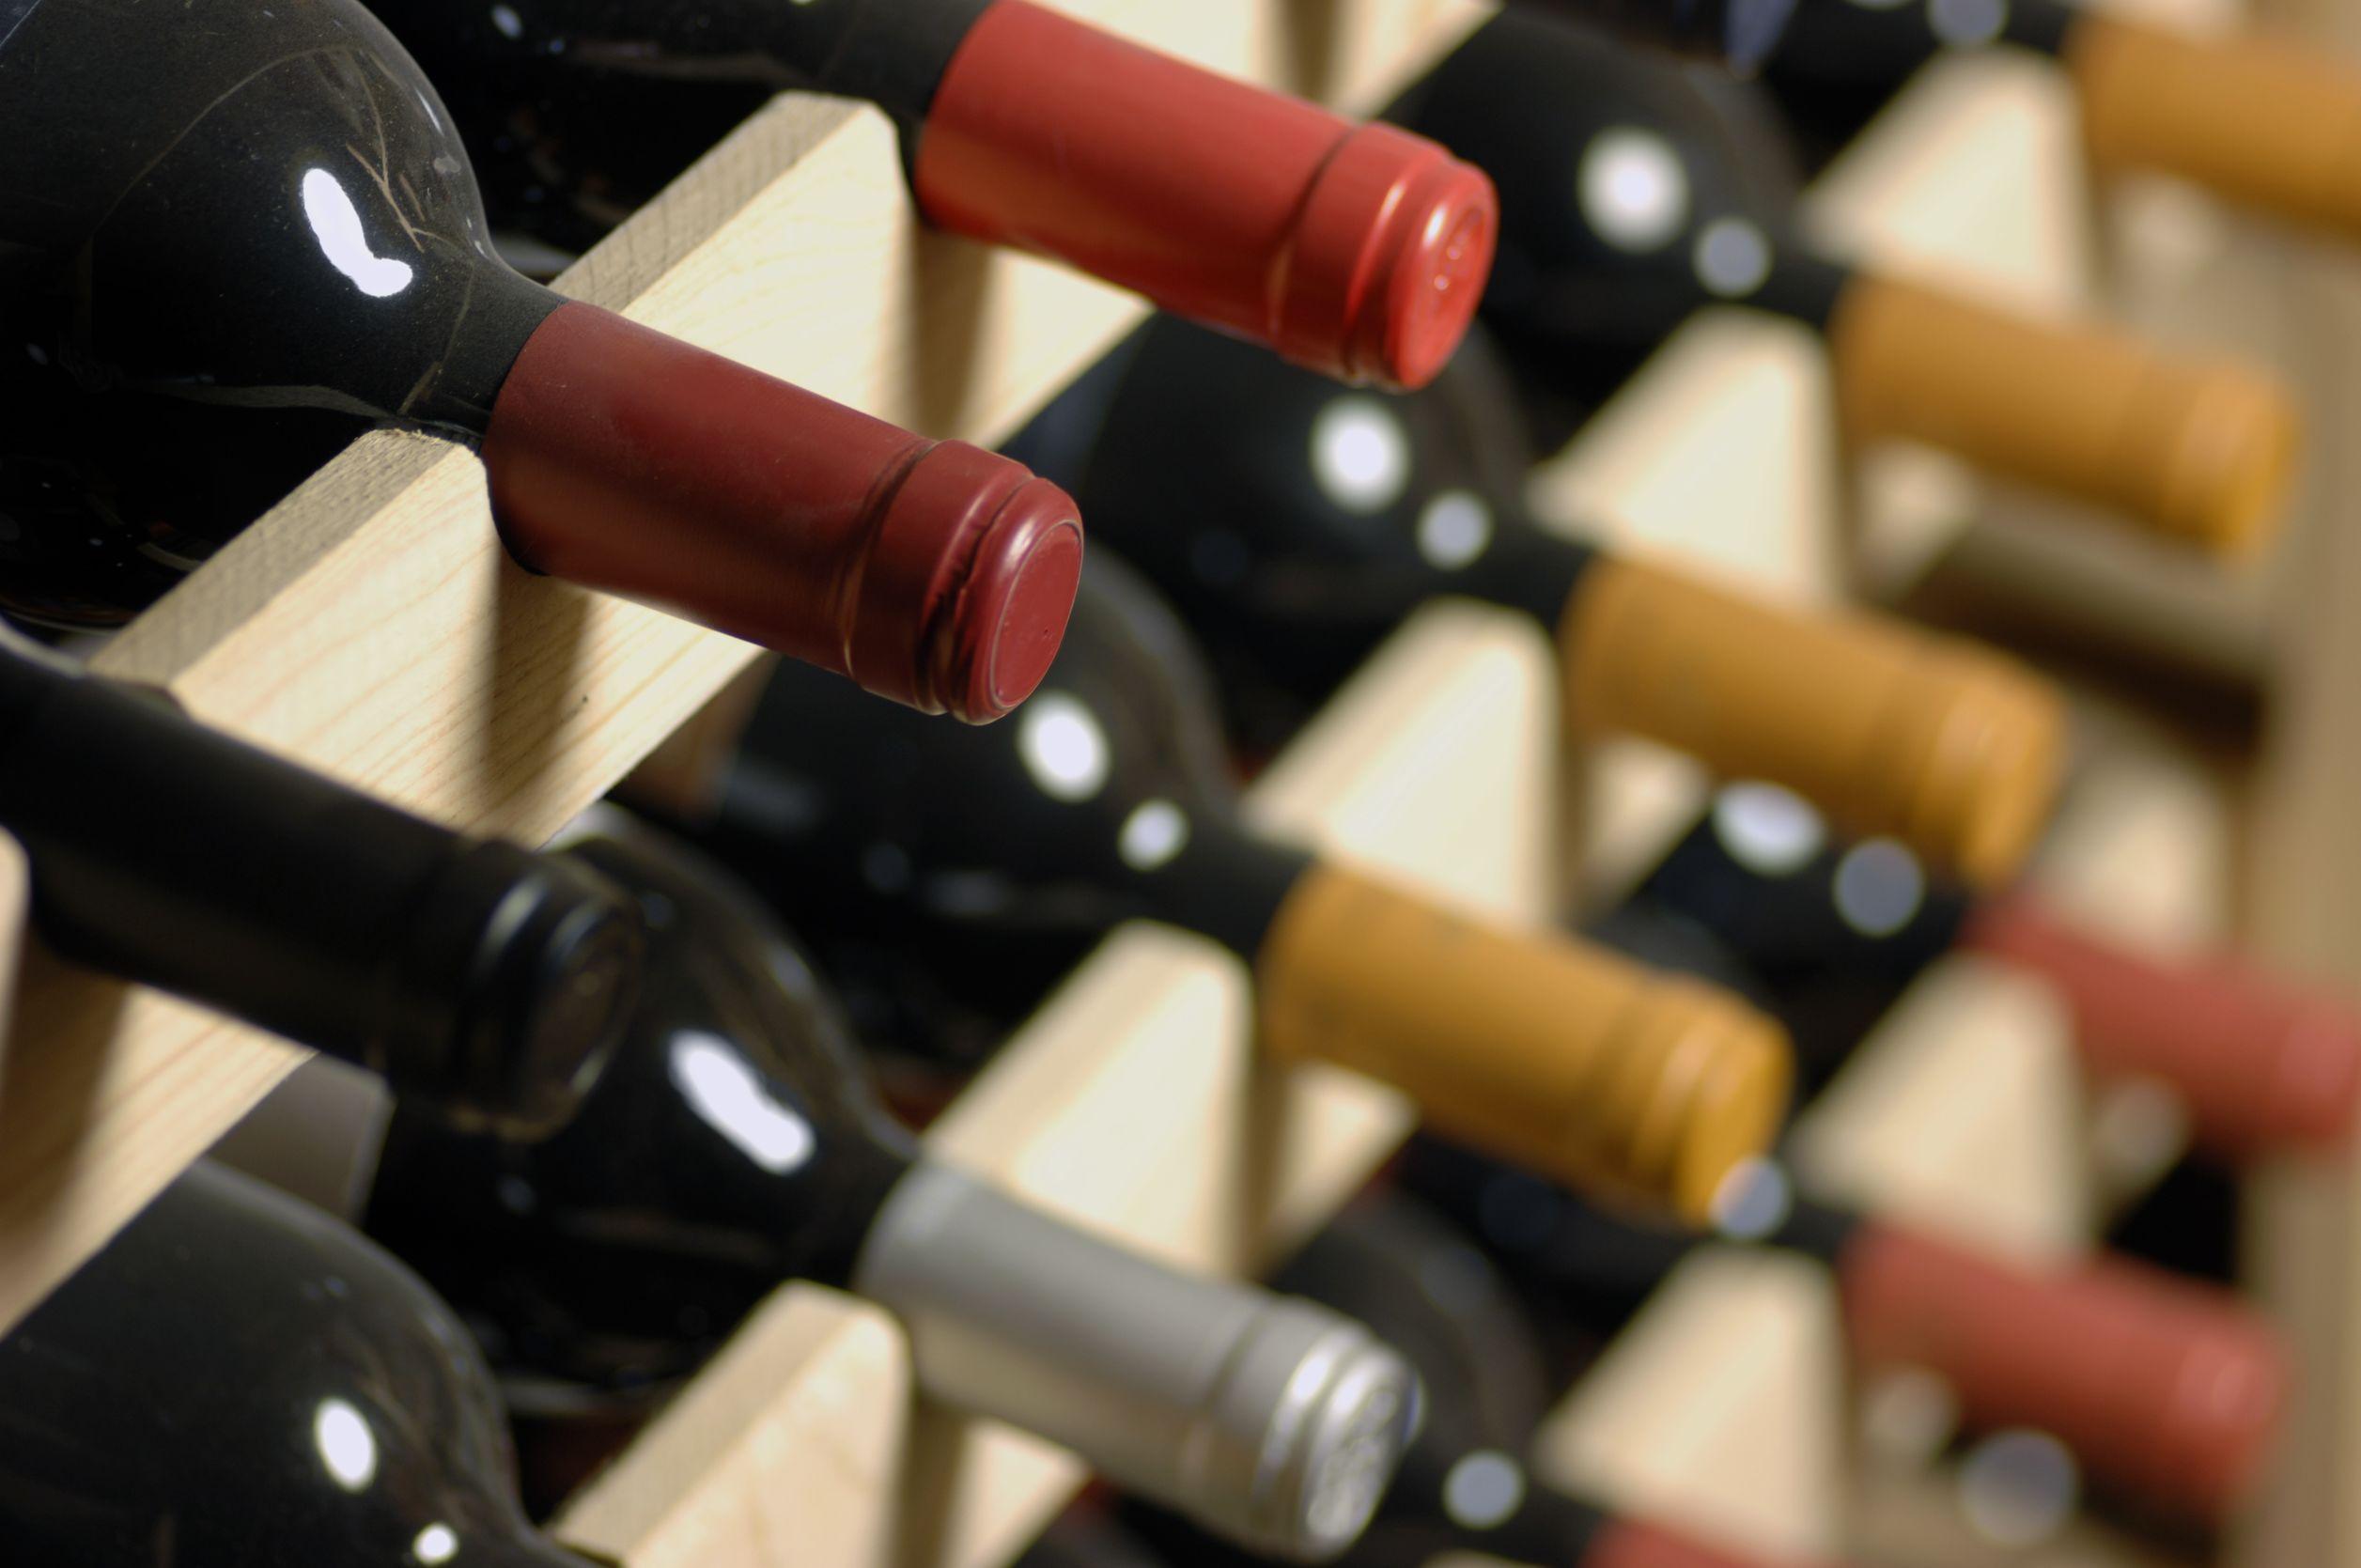 Weinschrank: Test & Empfehlungen (04/21)